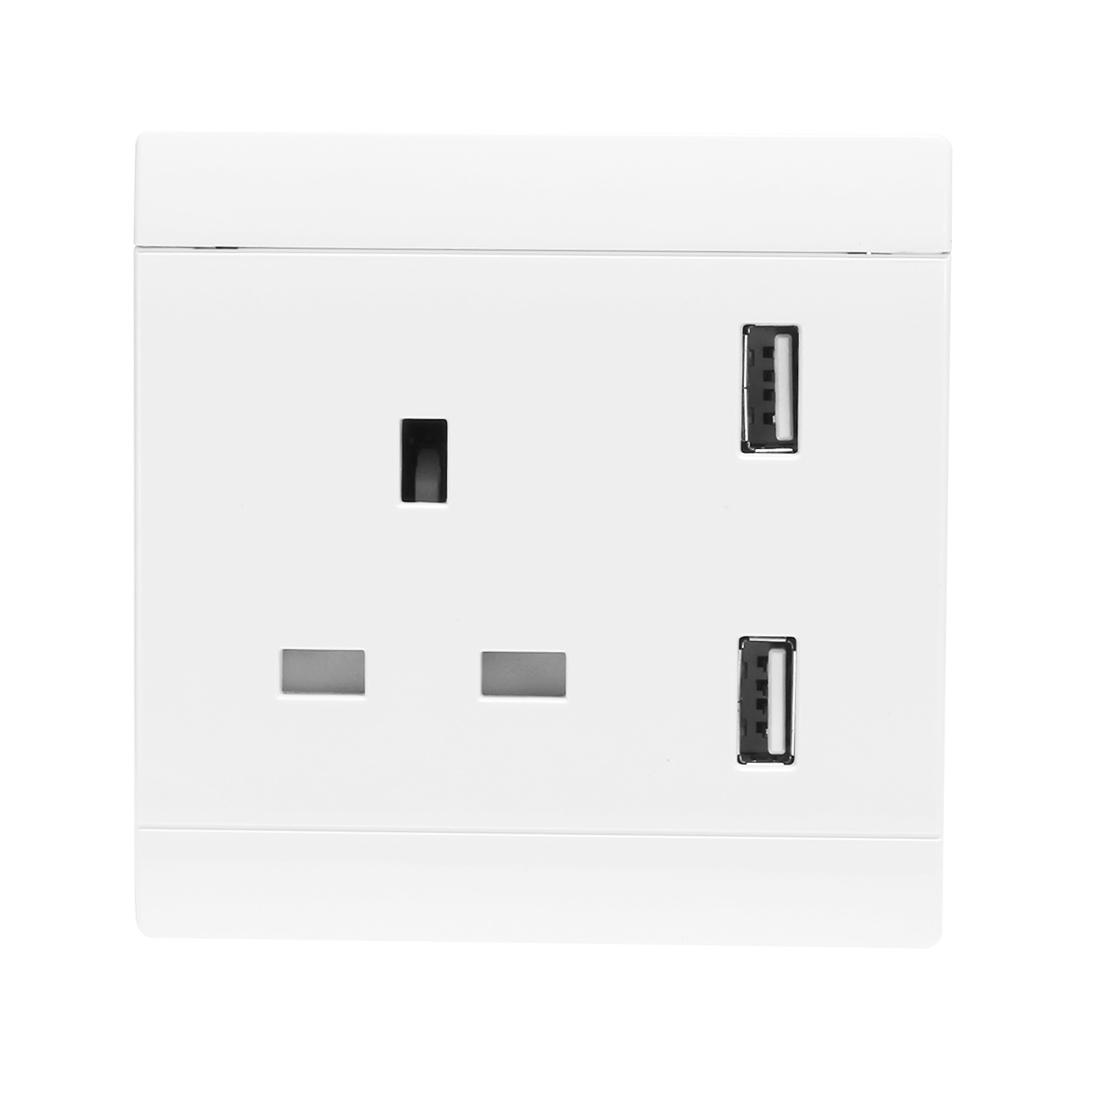 AC 110/220V UK Socket 2 USB Port Charging DC 5V 4.8A Mains Power Wall Outlet